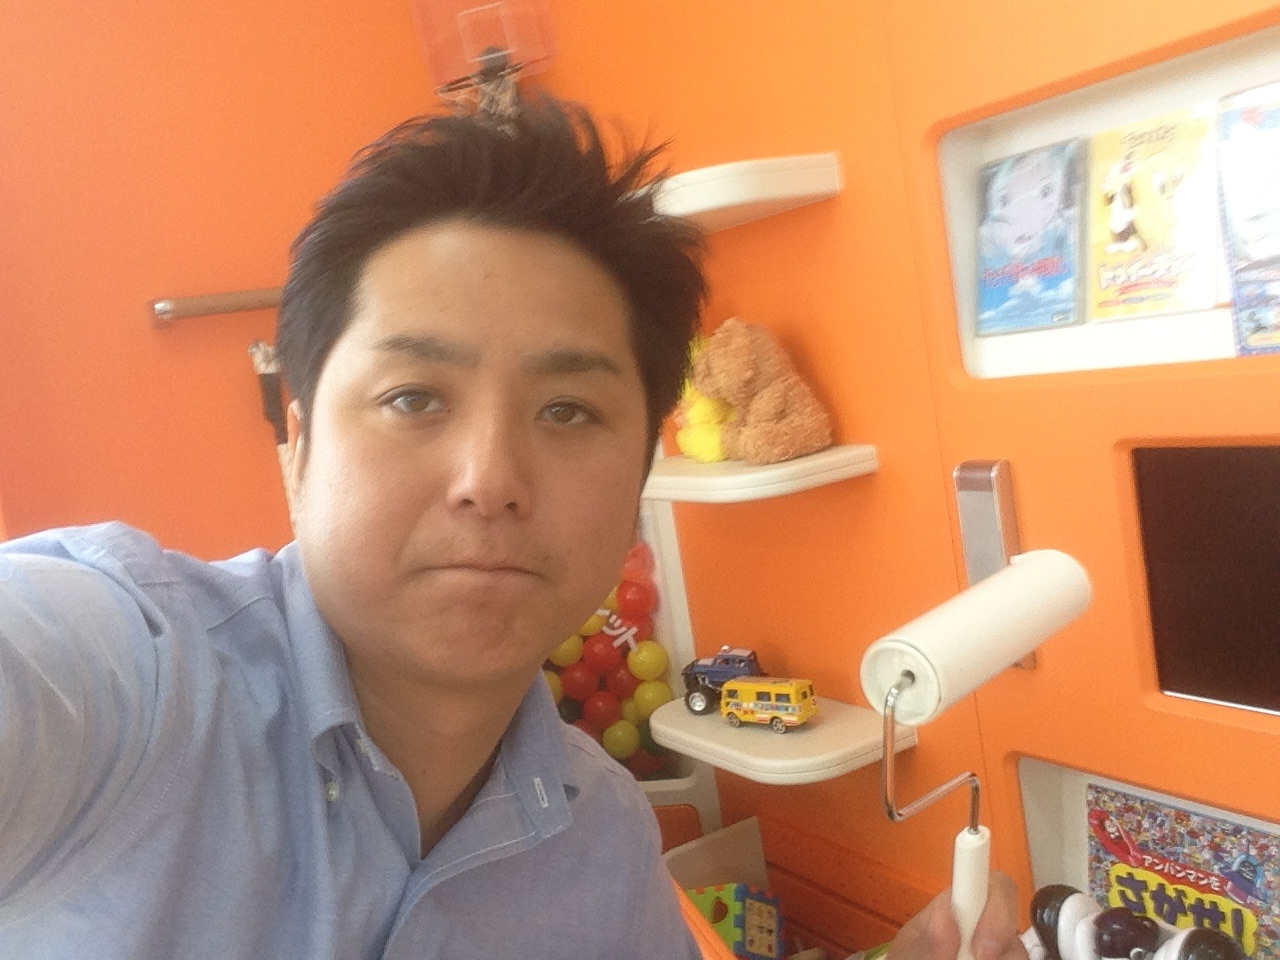 ゴールデンウィークも休まず営業中☆100万円以下専門店☆ローンサポート☆自社ローン_b0127002_15515850.jpg